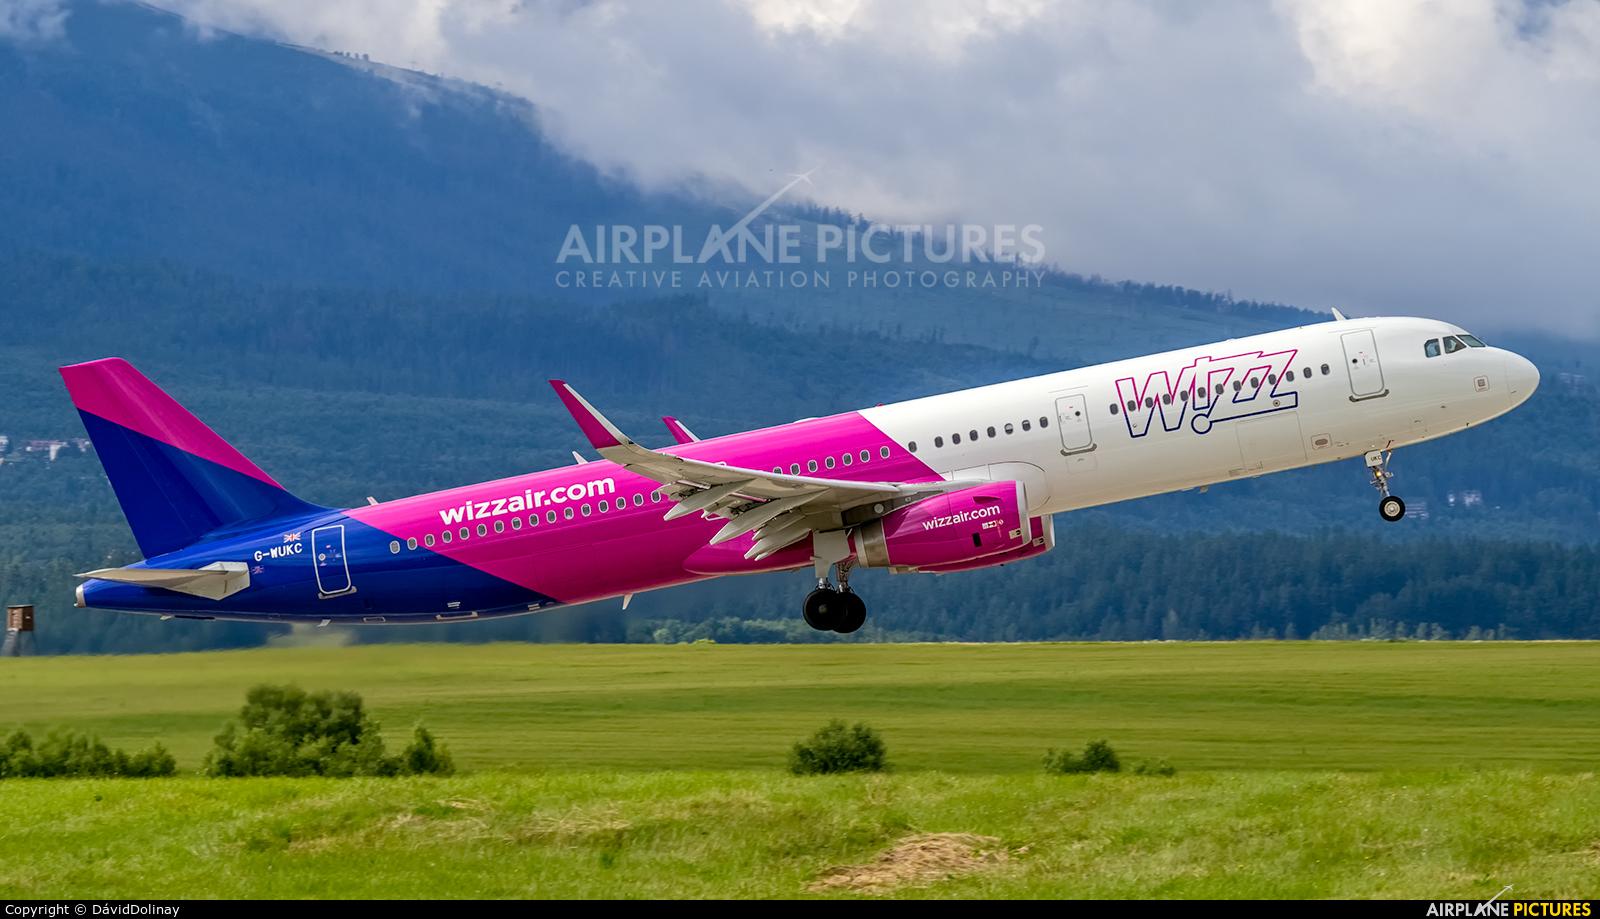 Wizz Air UK G-WUKC aircraft at Poprad - Tatry